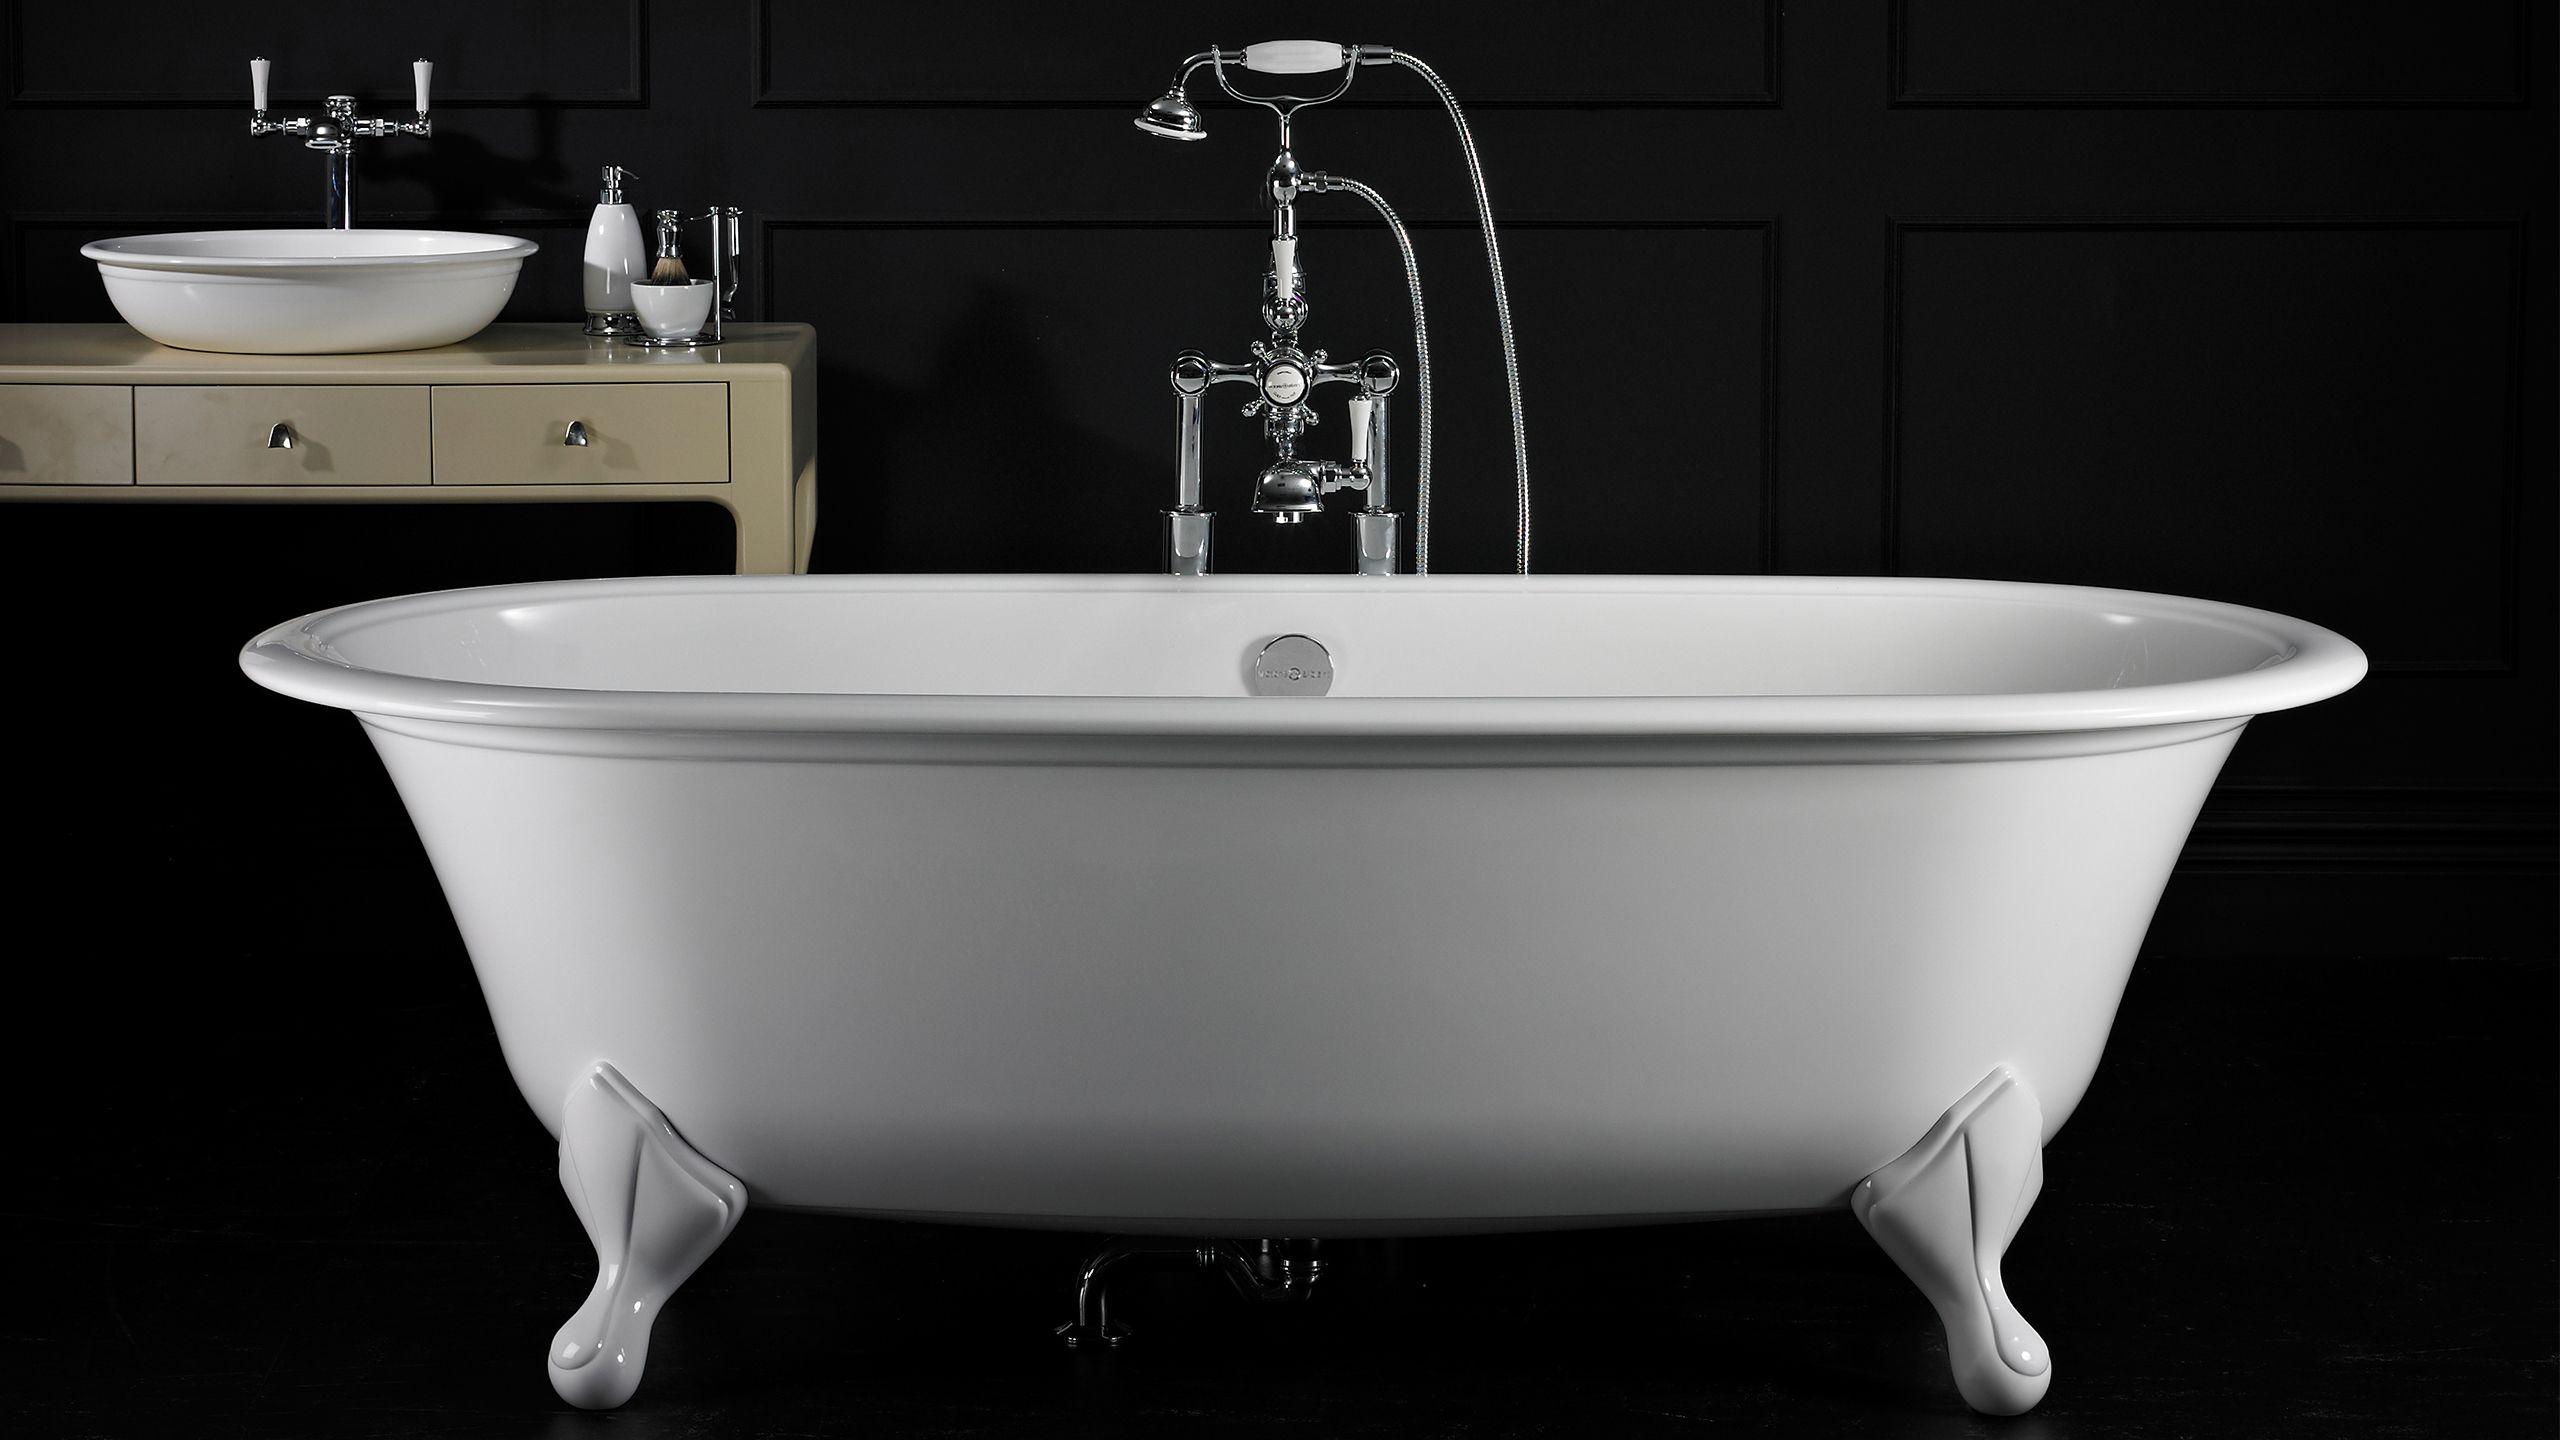 V+A Radford #ванна #sclux #интерьер